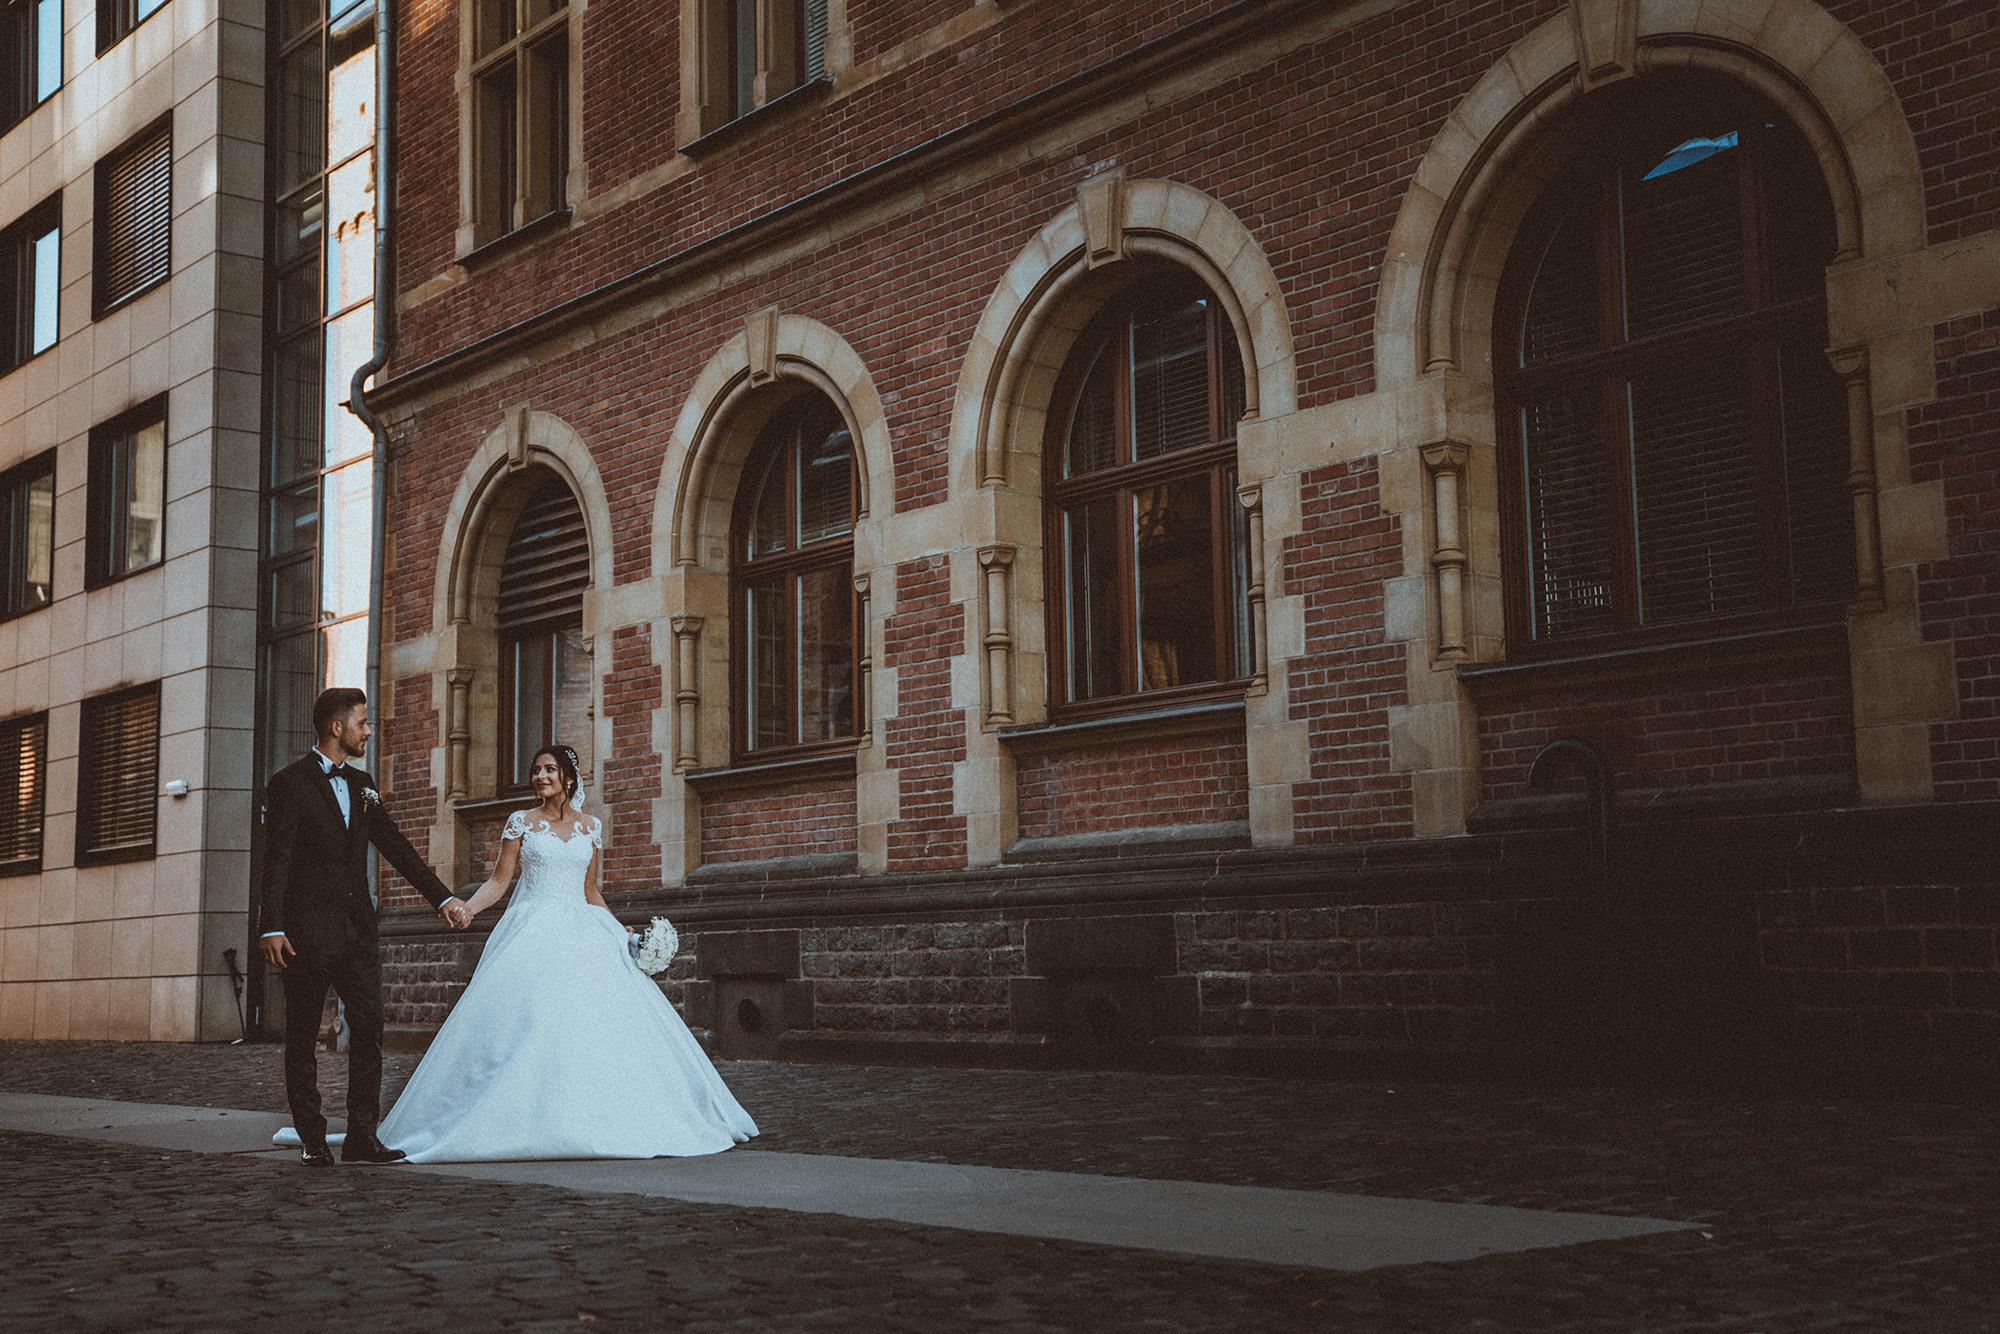 Braut und Bräutigam, Hand in Hand auf der Straße .jpg